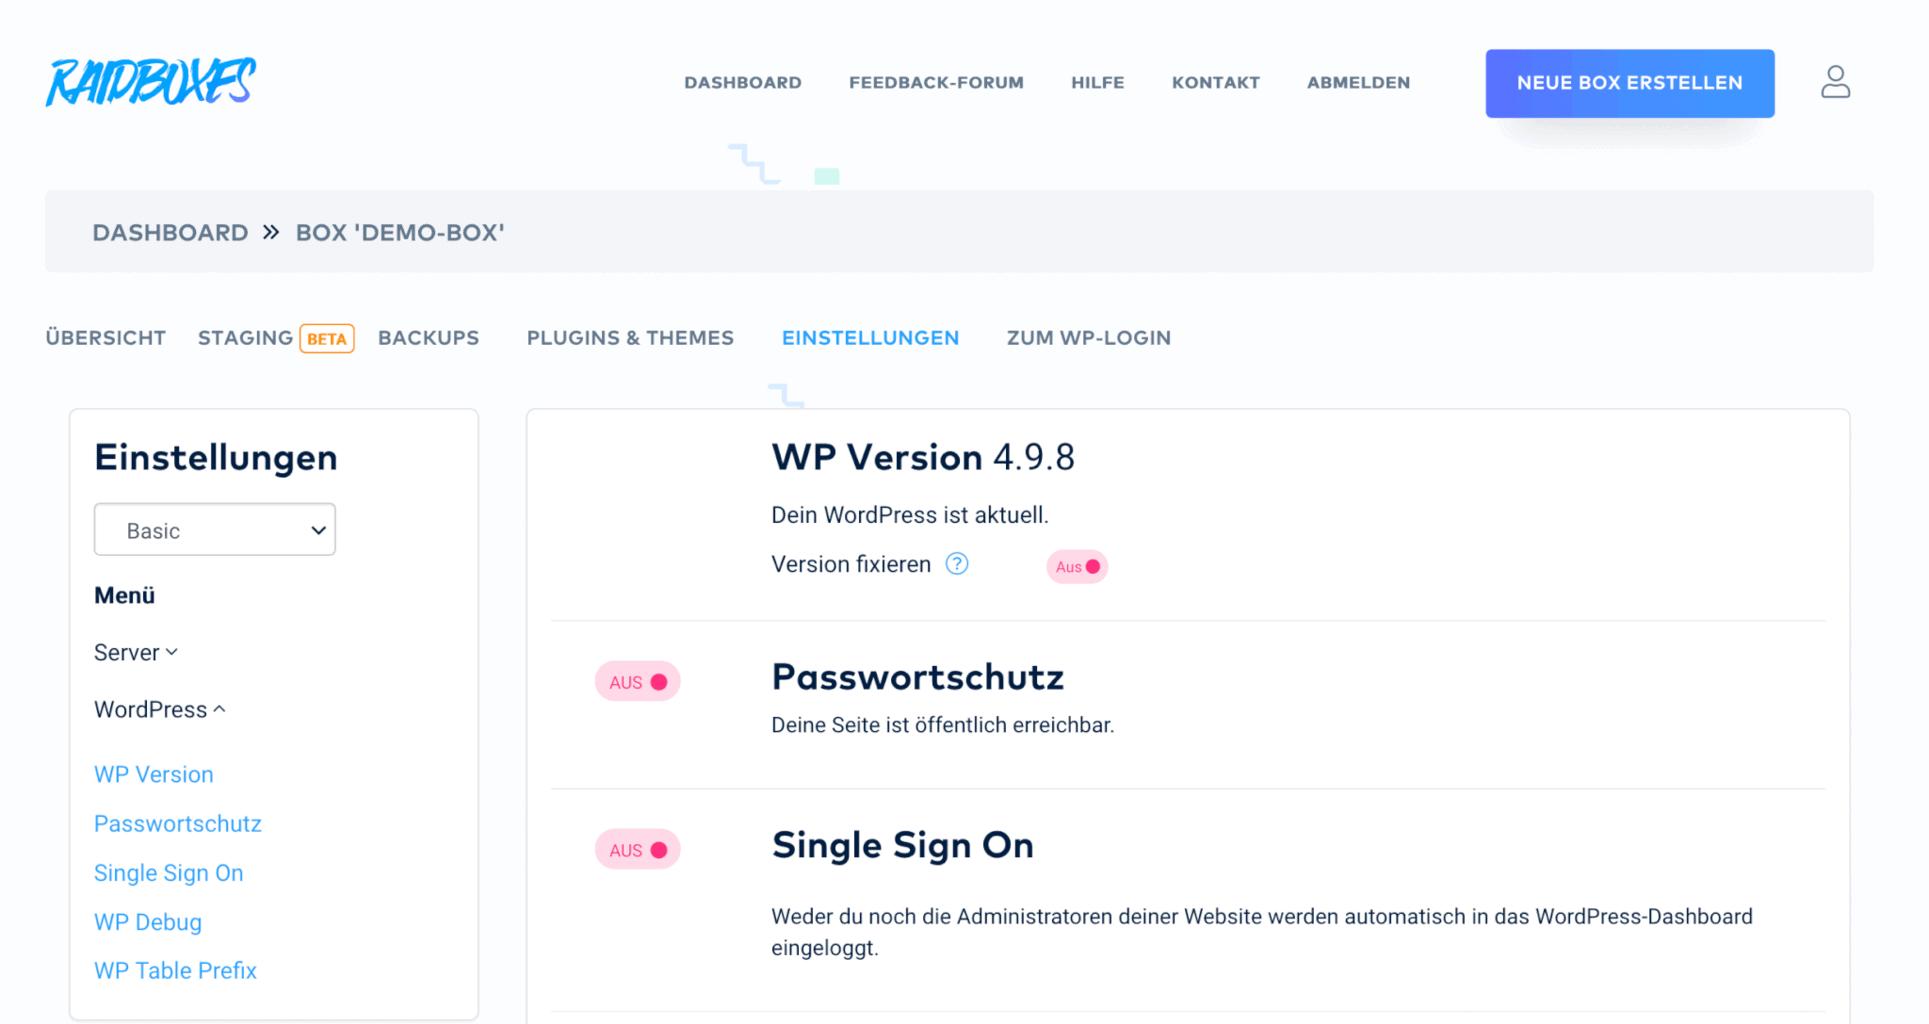 WordPress-Version fixieren bei RAIDBOXES